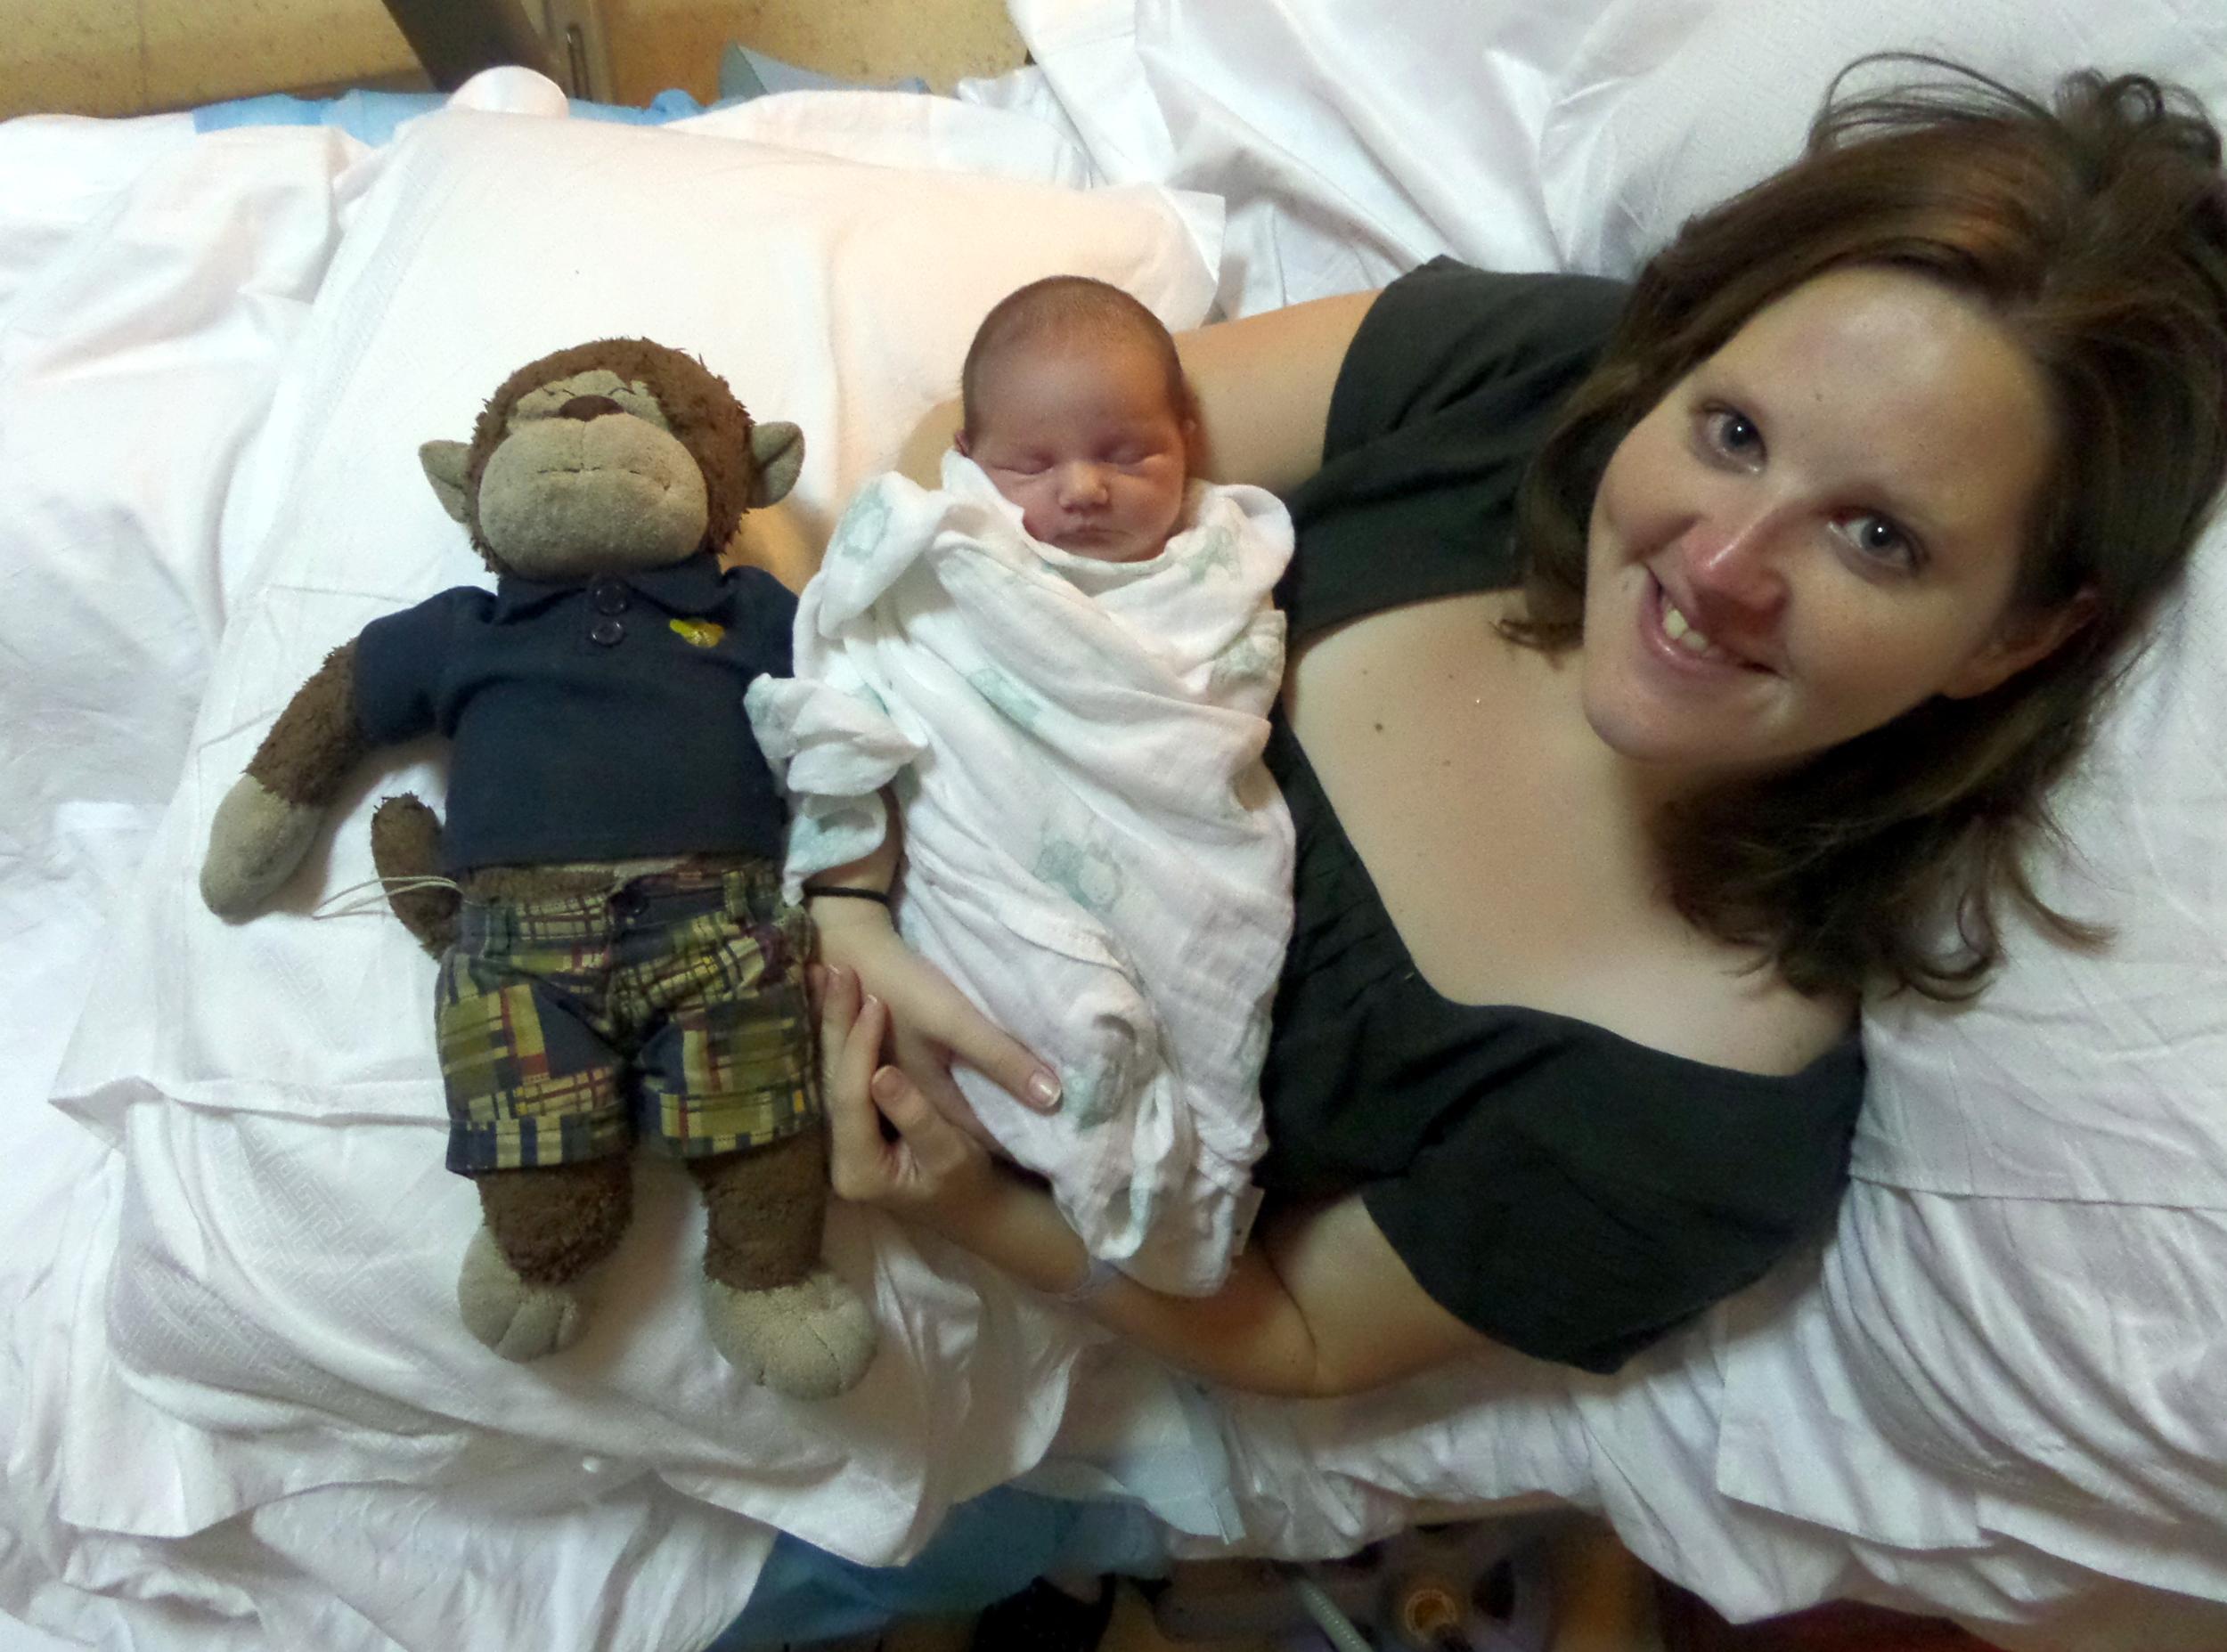 nbcnews.com - 'Transformative': FDA approves first drug for postpartum depression